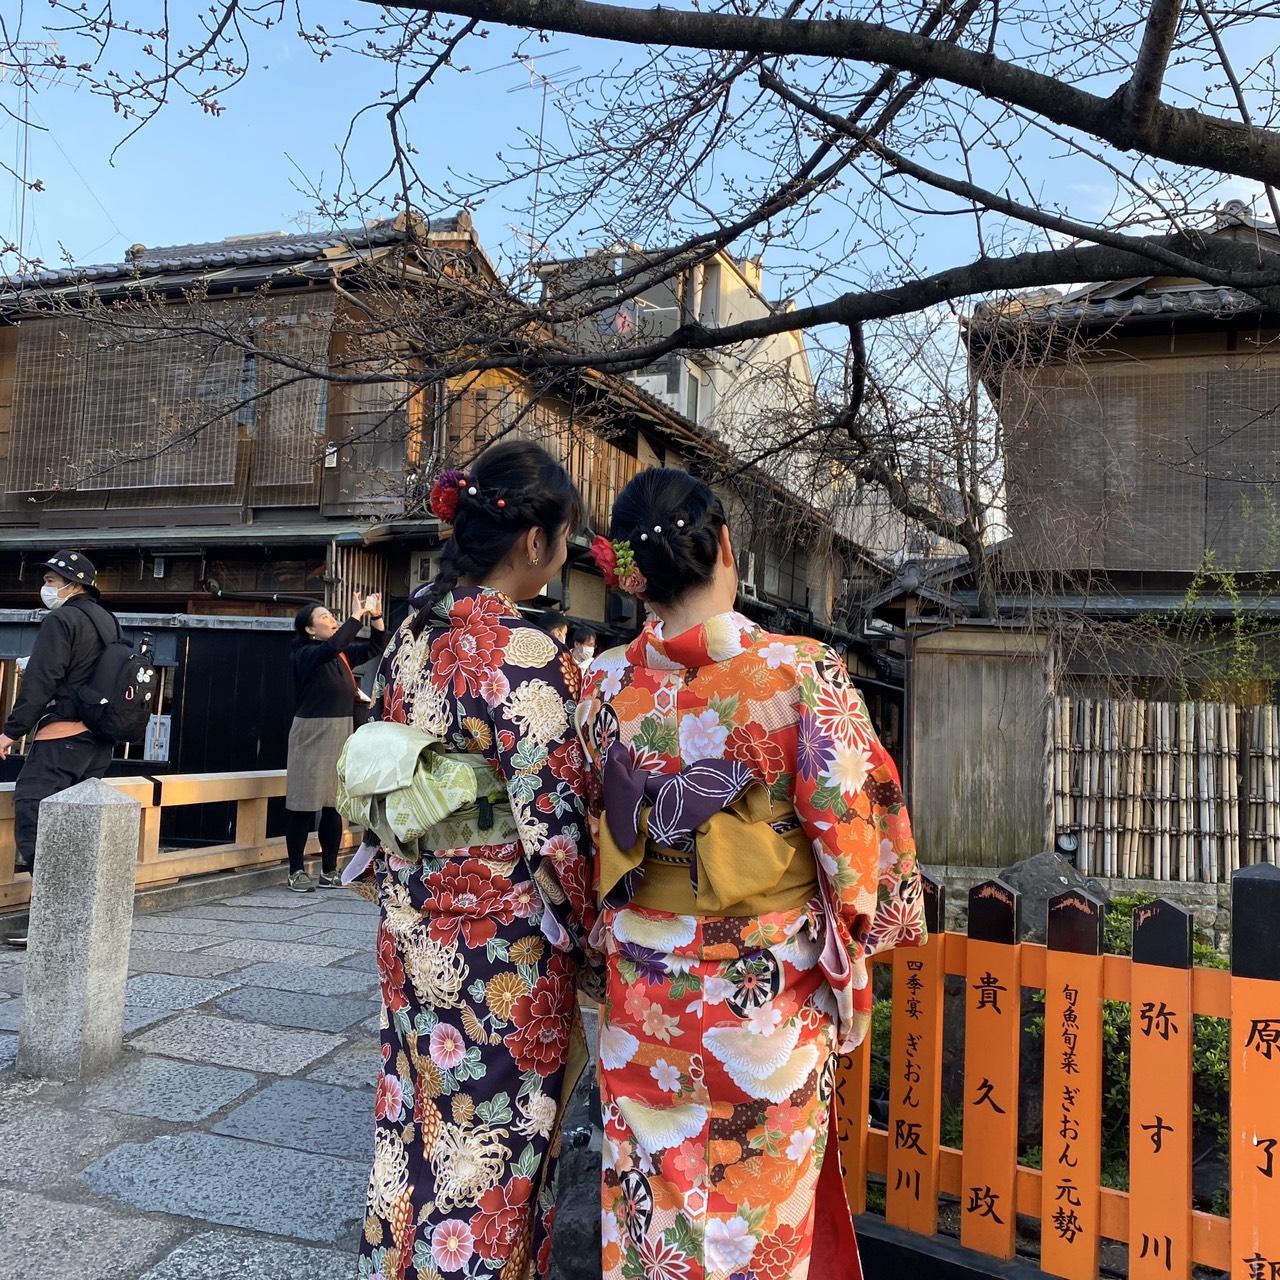 二条城桜まつり2020!着物の方は入城無料2020年3月21日5